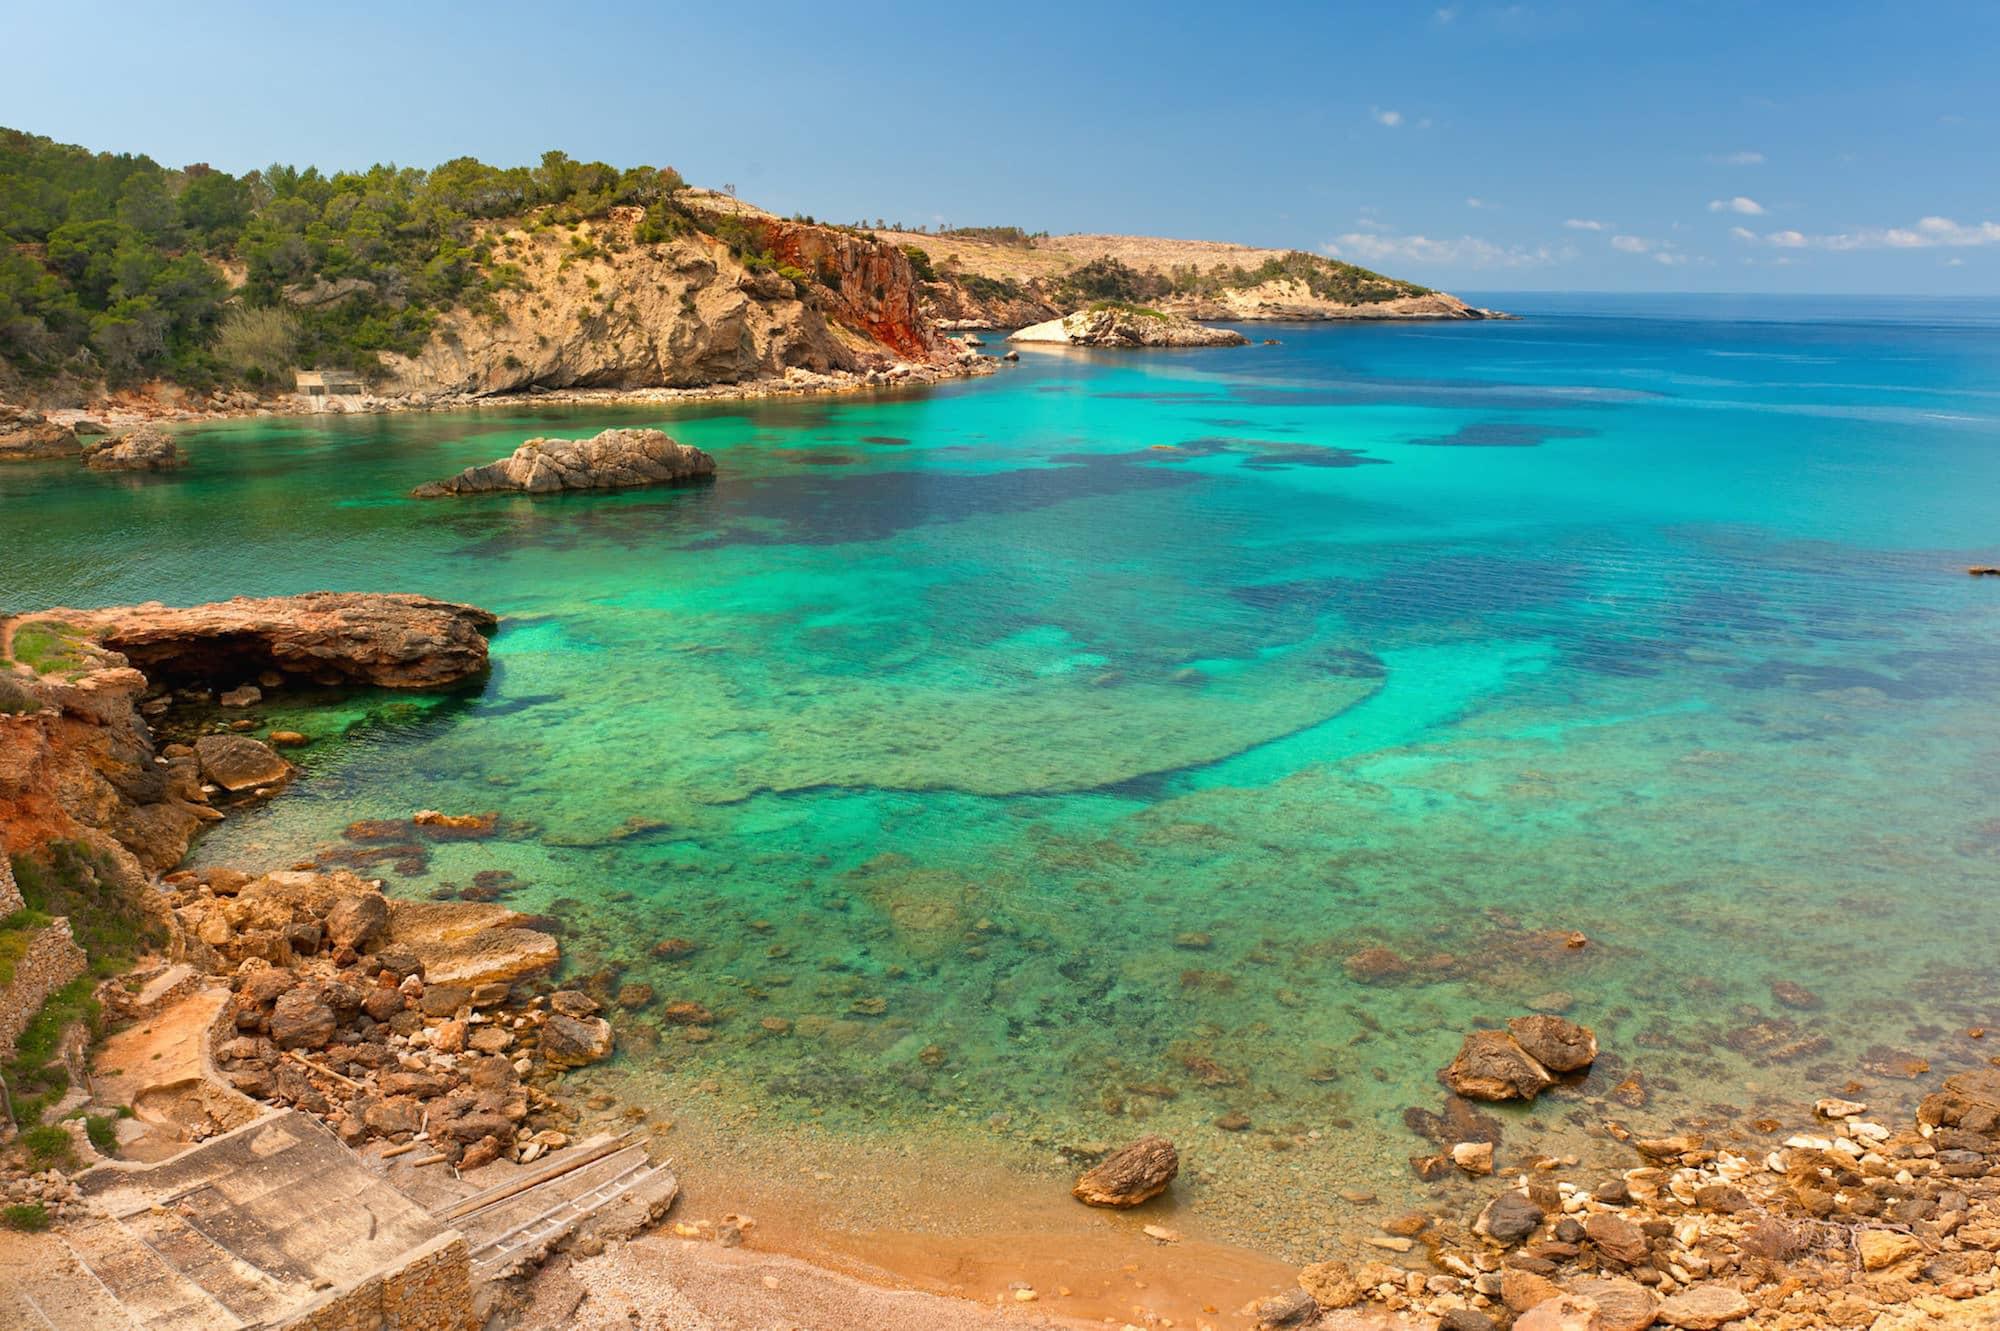 Фото на пляже в испании, На испанском пляже это делать можно (фото) 19 фотография